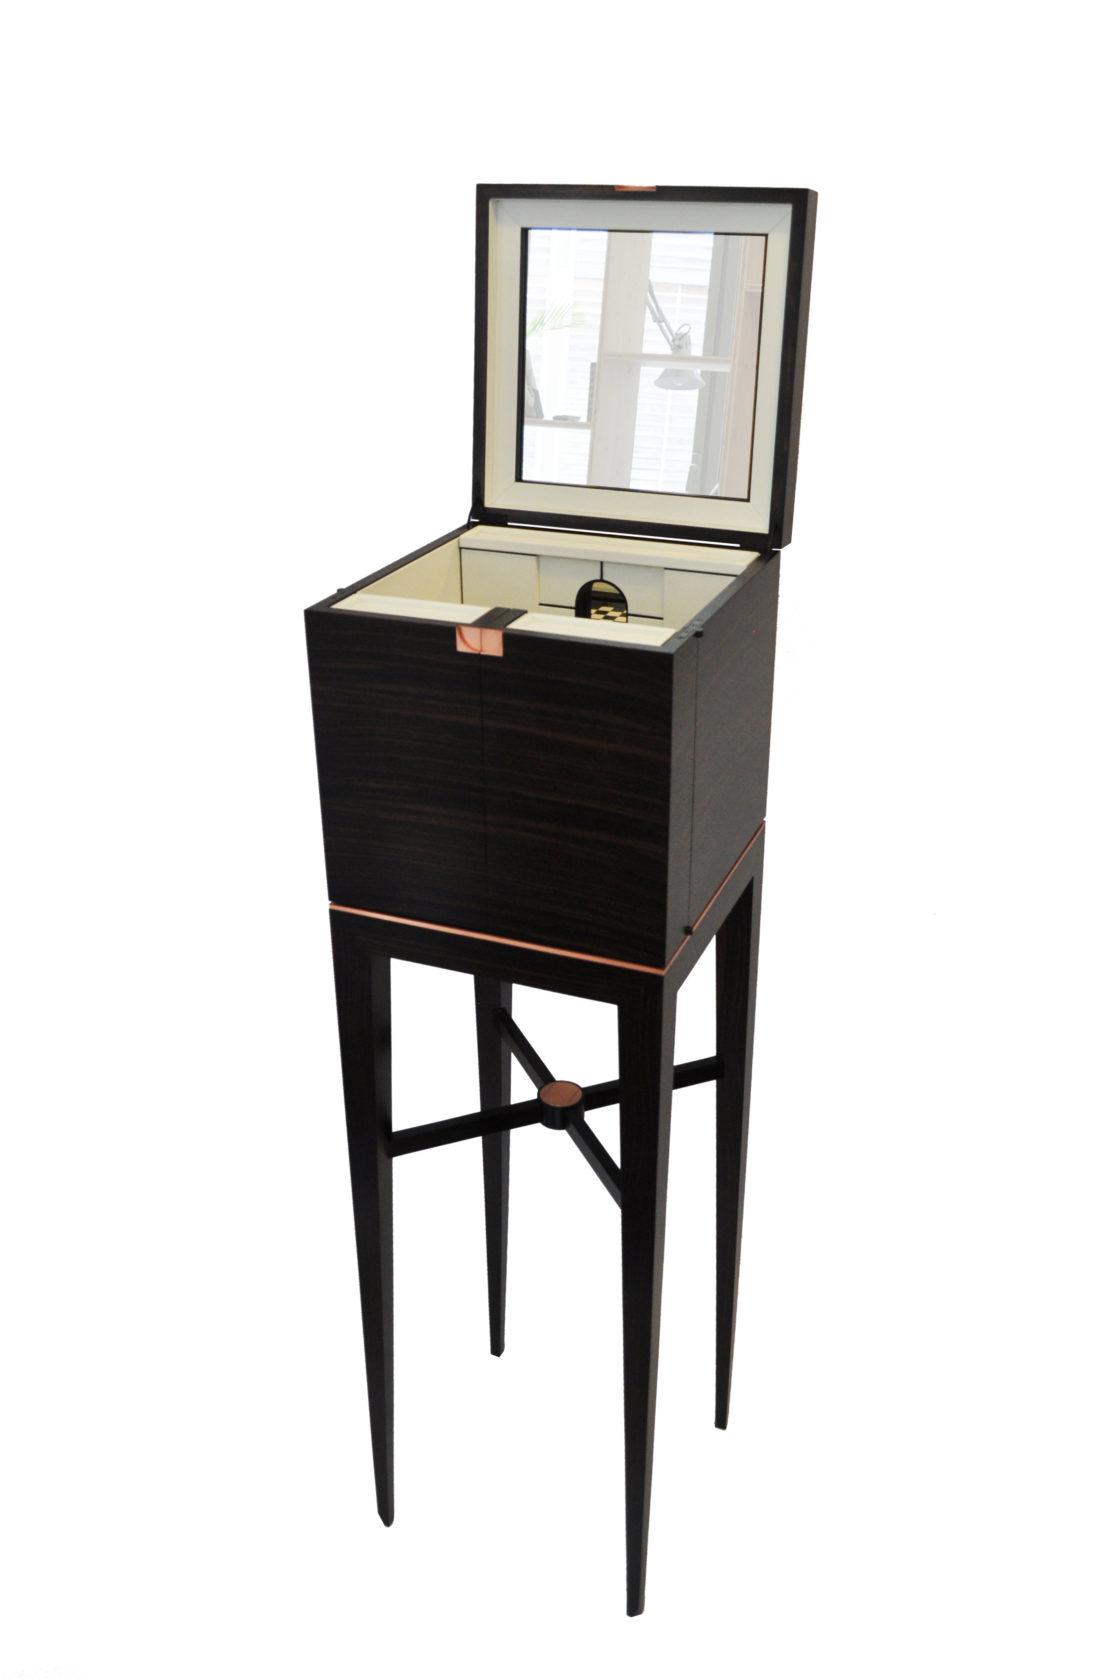 cabinet en b ne ludovic avenel b niste cr ateur paris. Black Bedroom Furniture Sets. Home Design Ideas